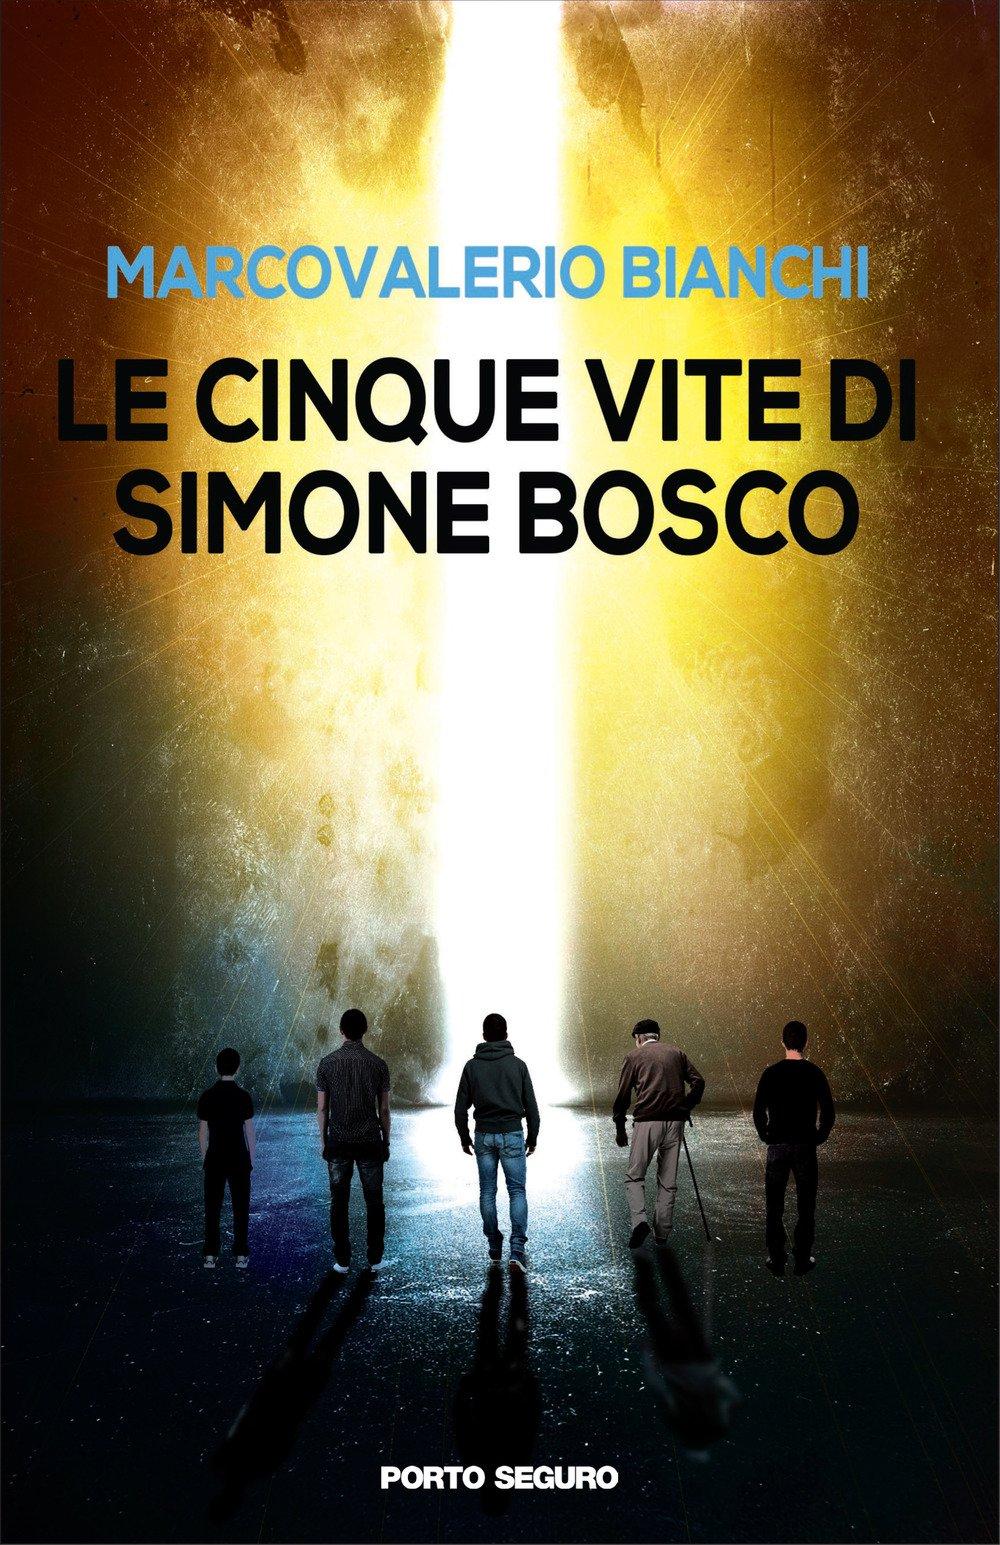 Le cinque vite di Simone Bosco